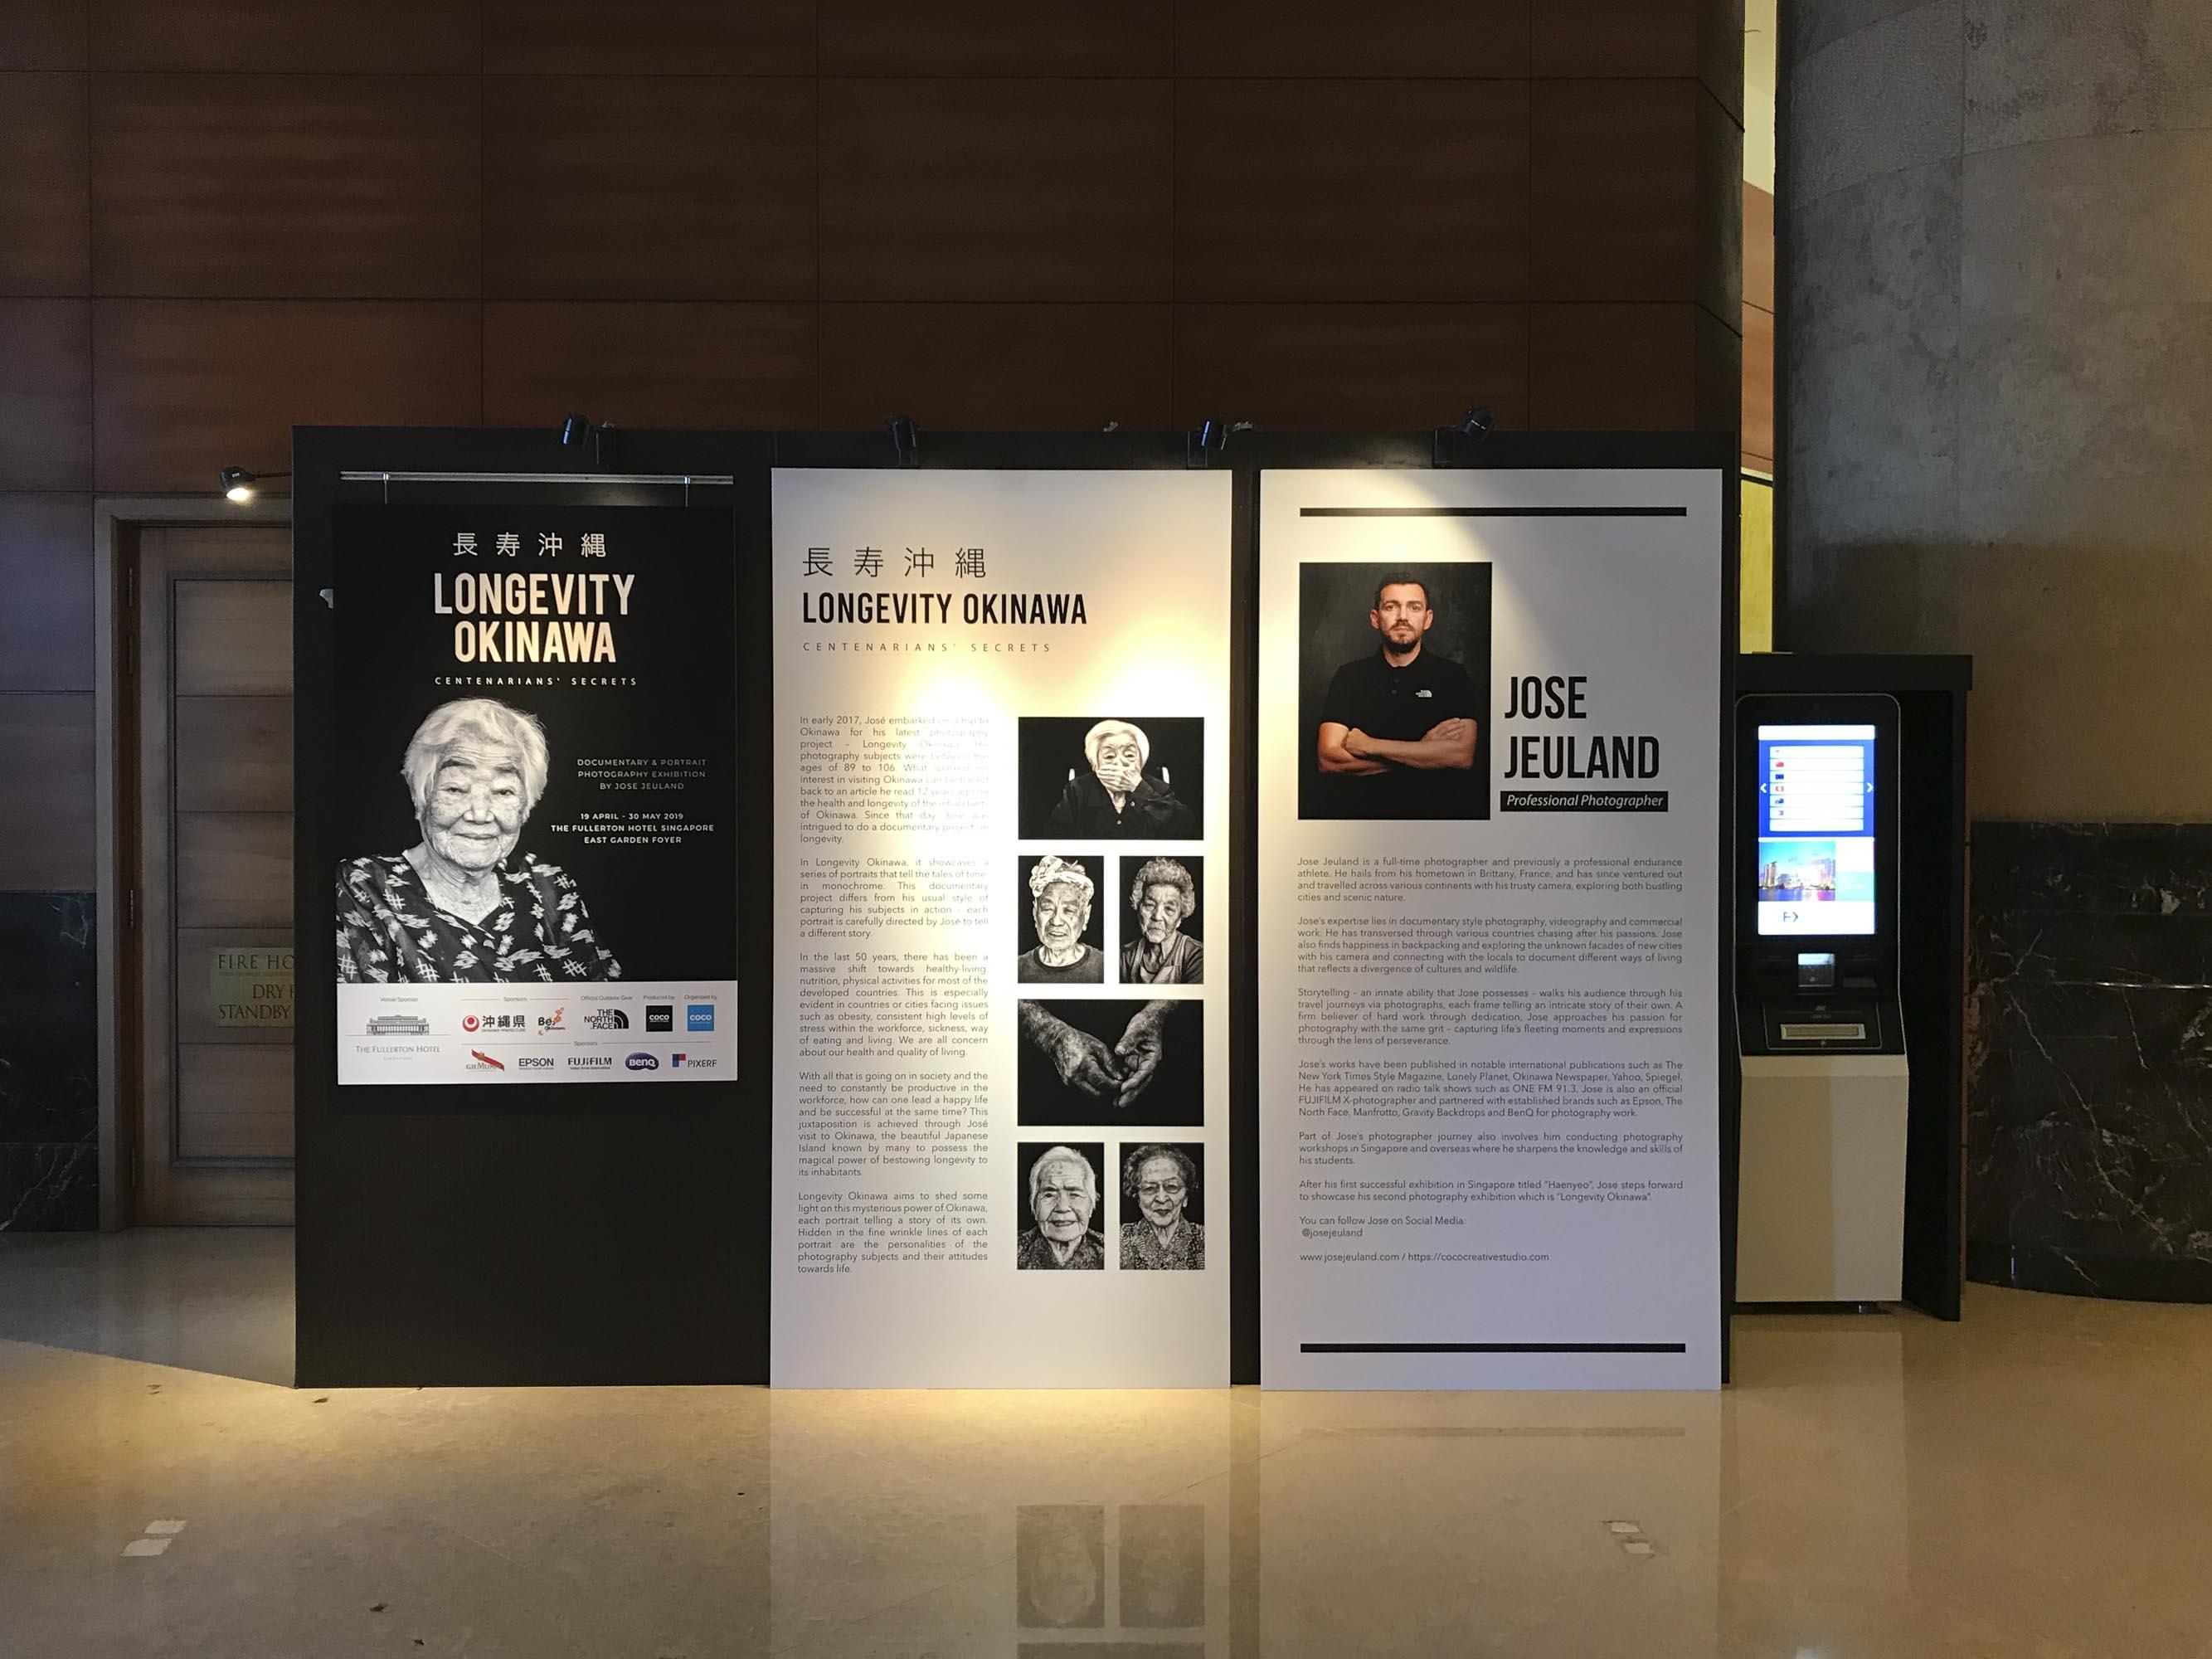 Epson printer photography exhibition singapore Photogrpaher Jose Jeuland ambassador